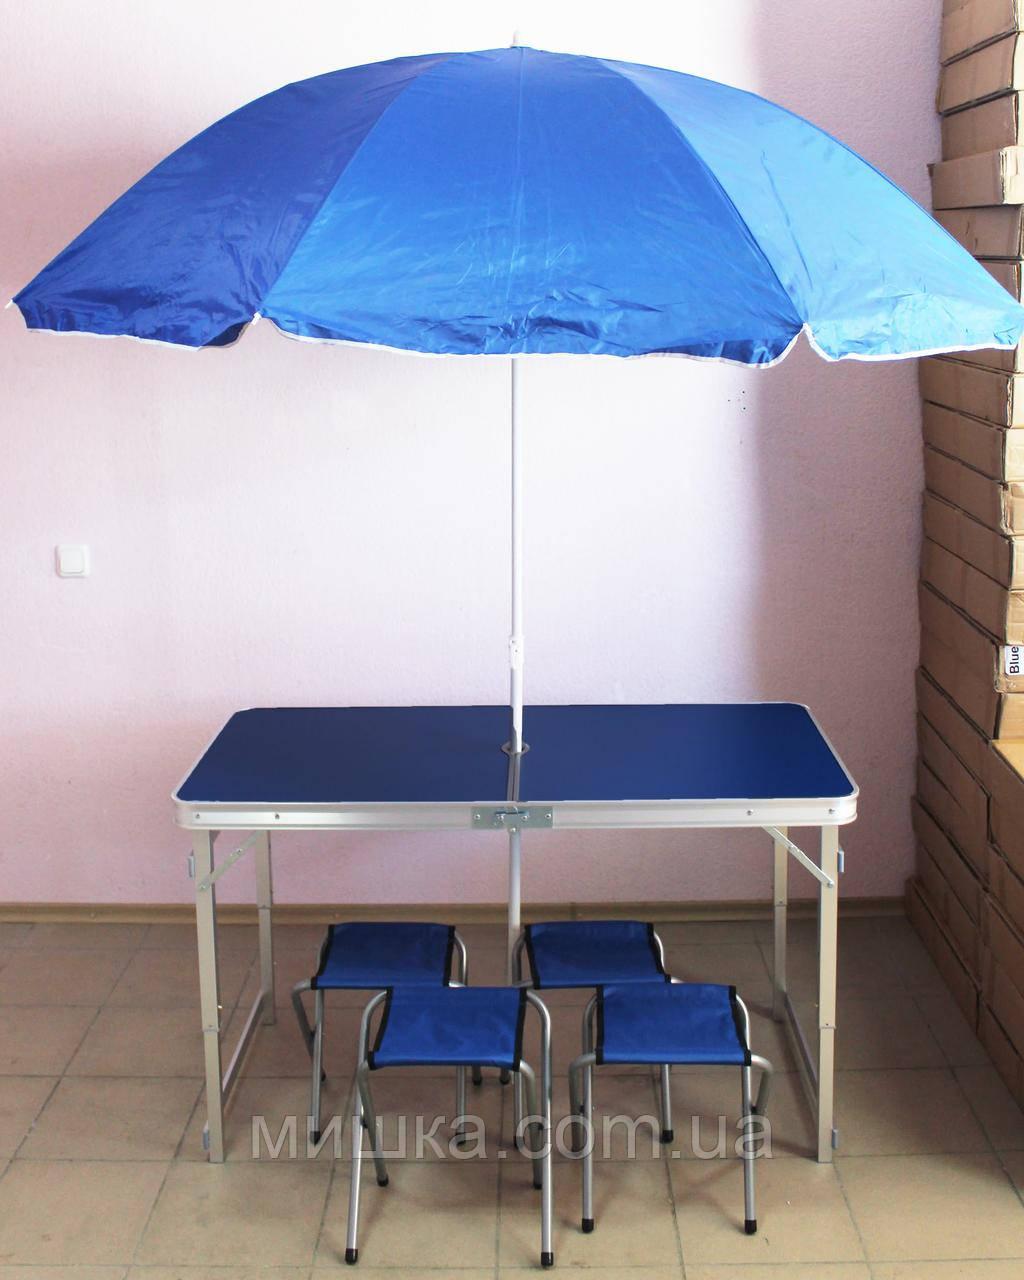 УСИЛЕННЫЙ раскладной стол для пикника и 4 стула, синий + зонт в подарок!